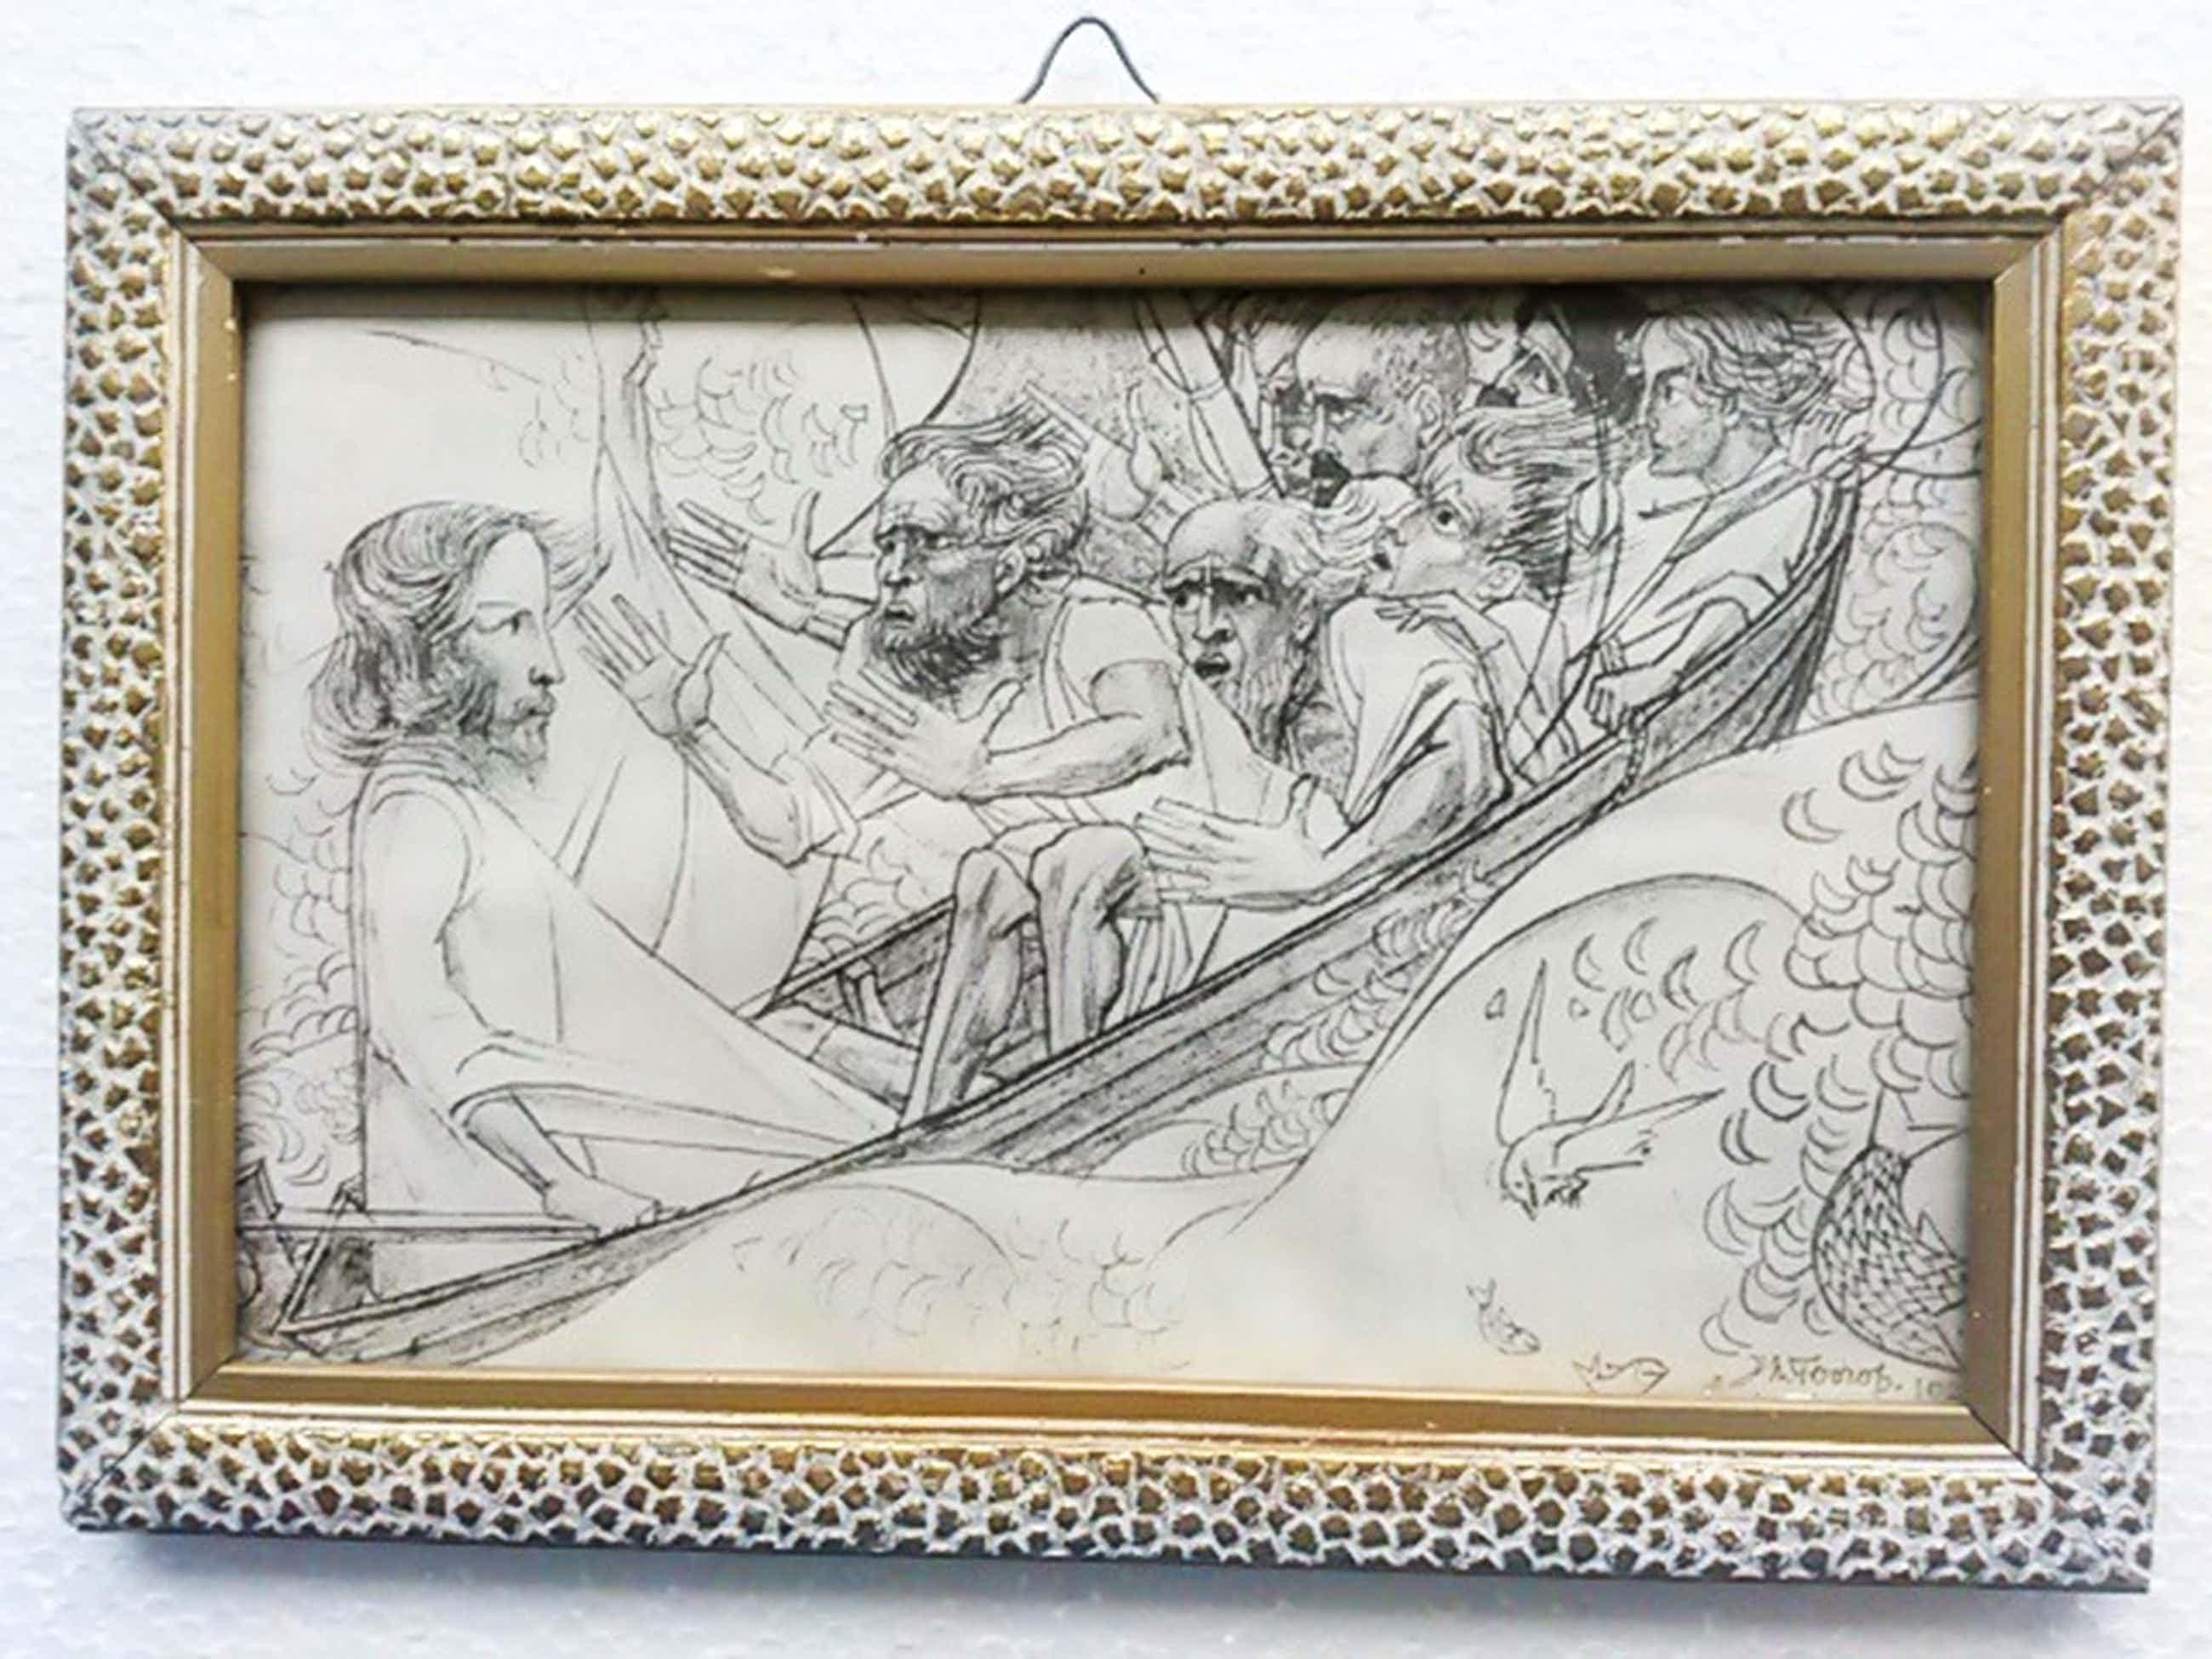 Jan Toorop, Christus en de Discipelen in den Storm, litho, 1927 kopen? Bied vanaf 60!